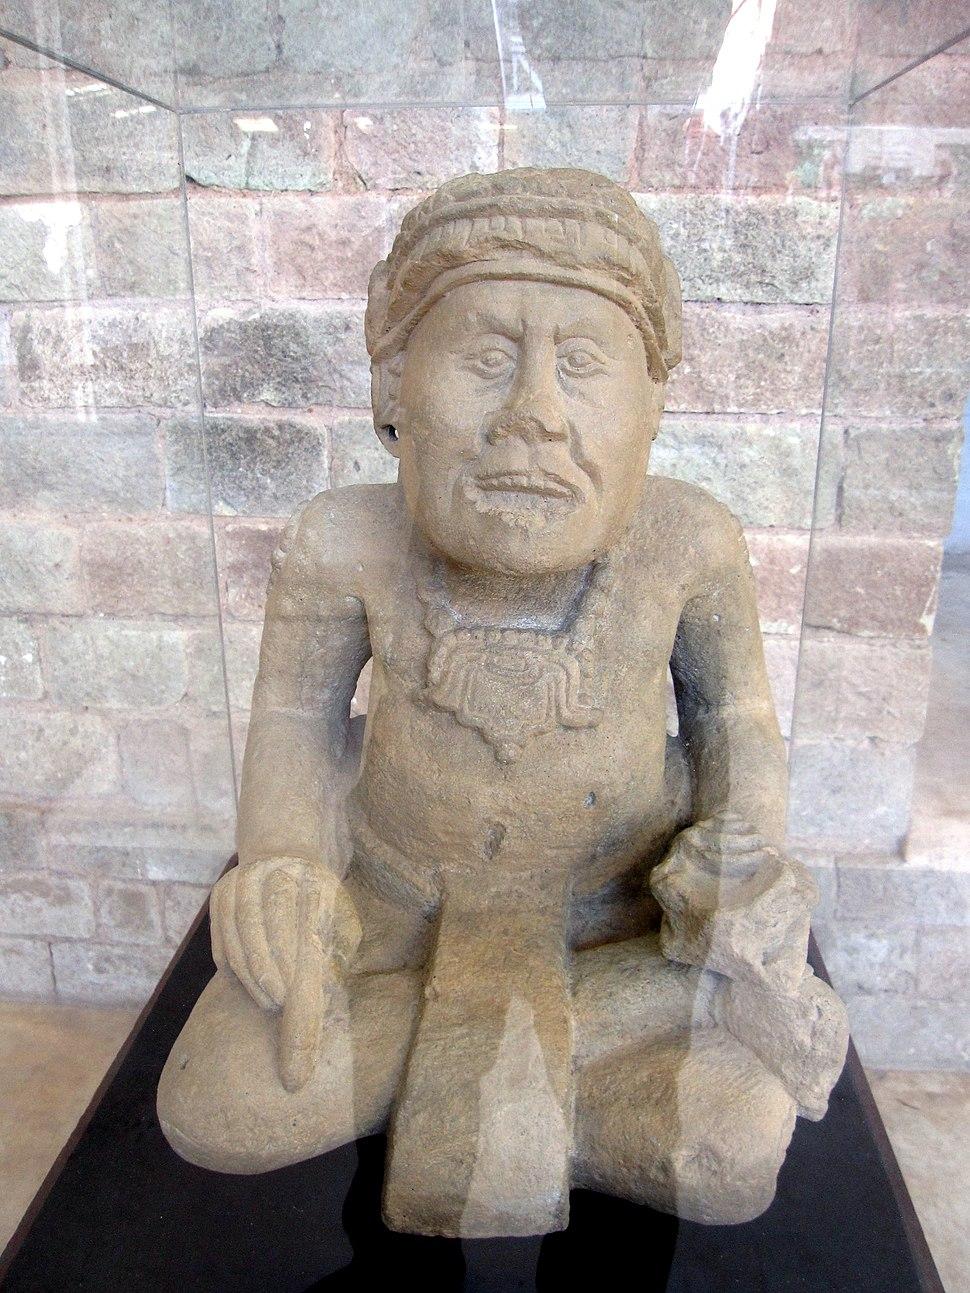 Pauah Tun scribe figure, Copán, Honduras